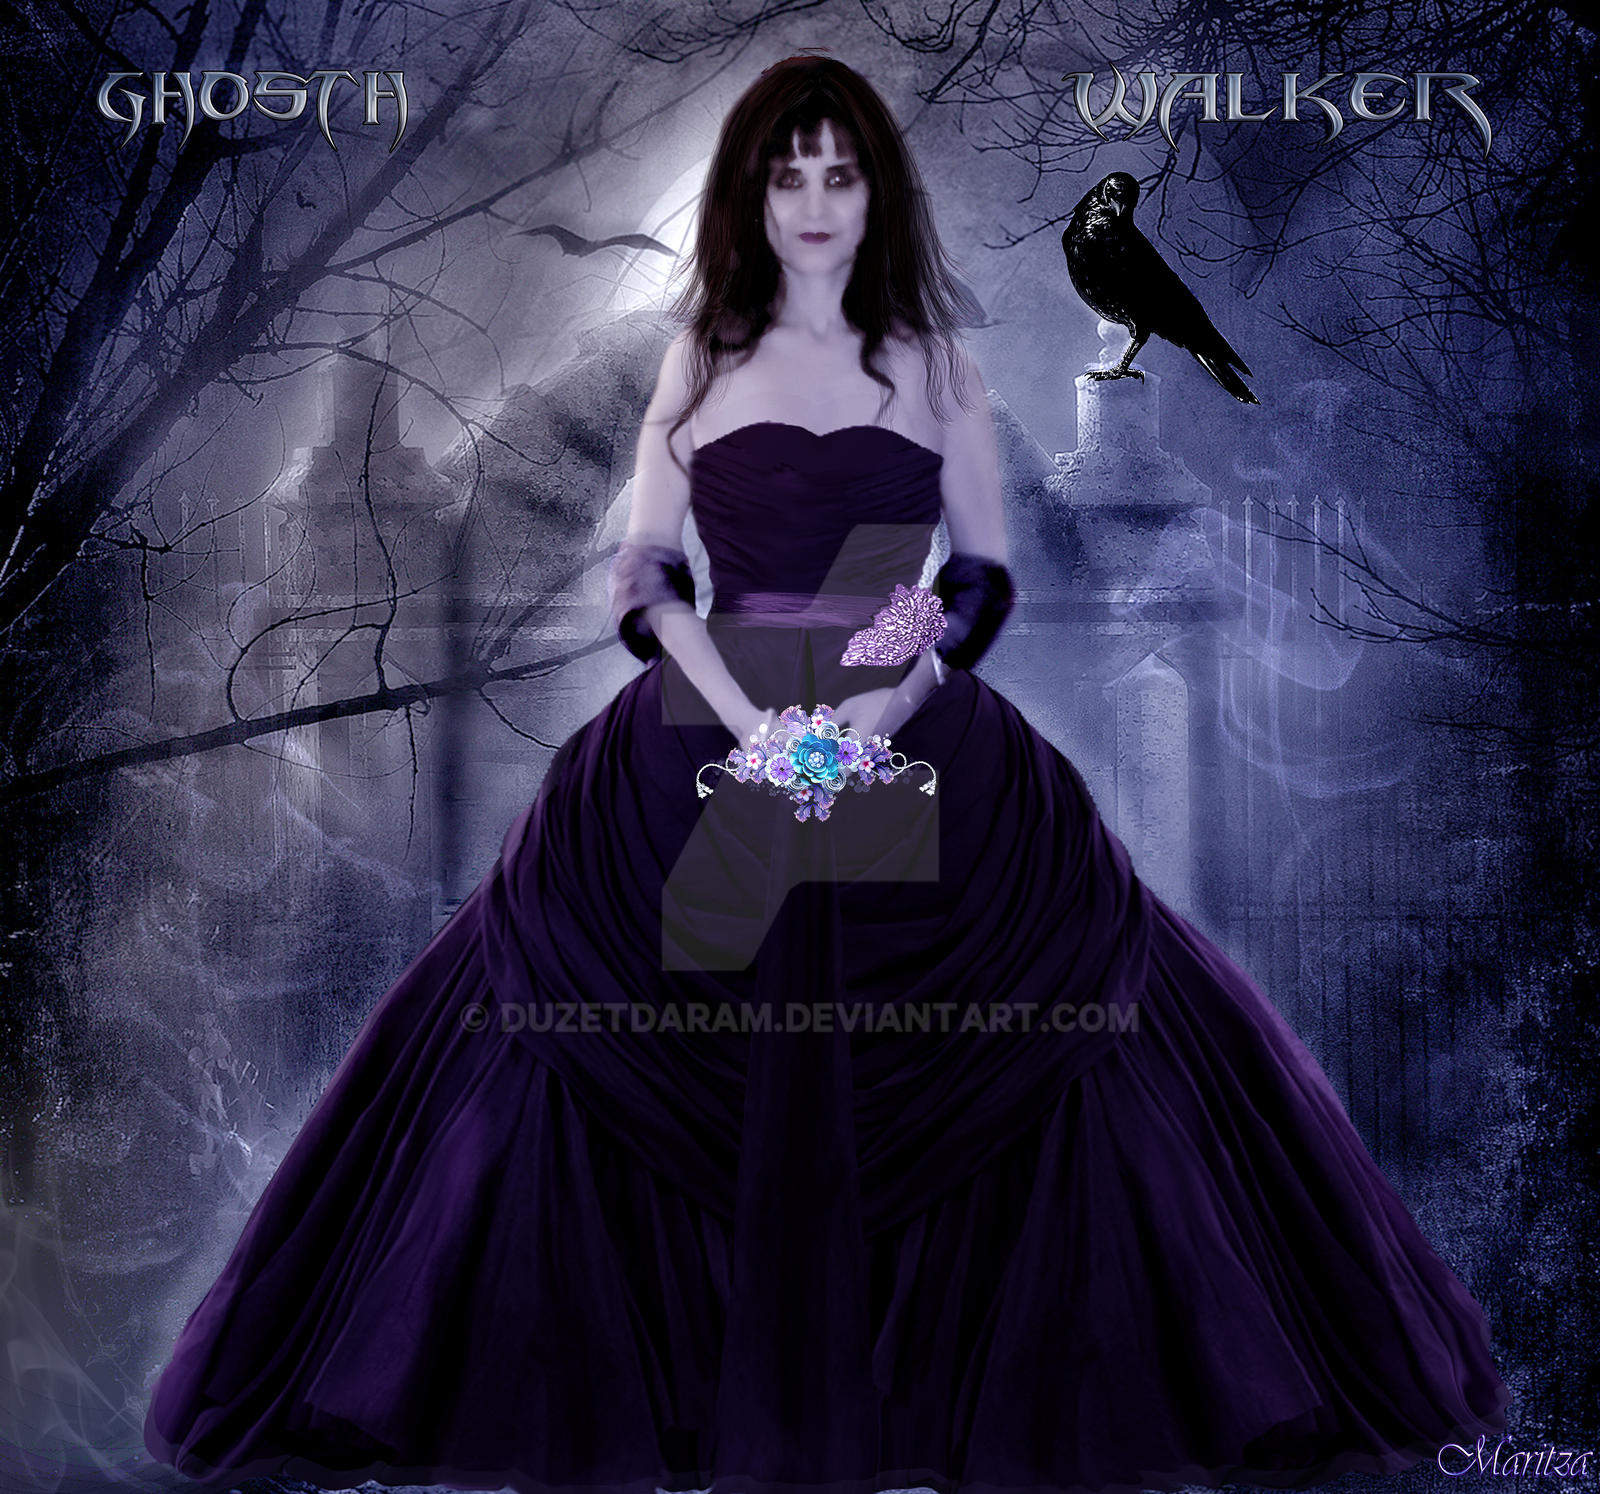 Ghost Walker by duzetdaram